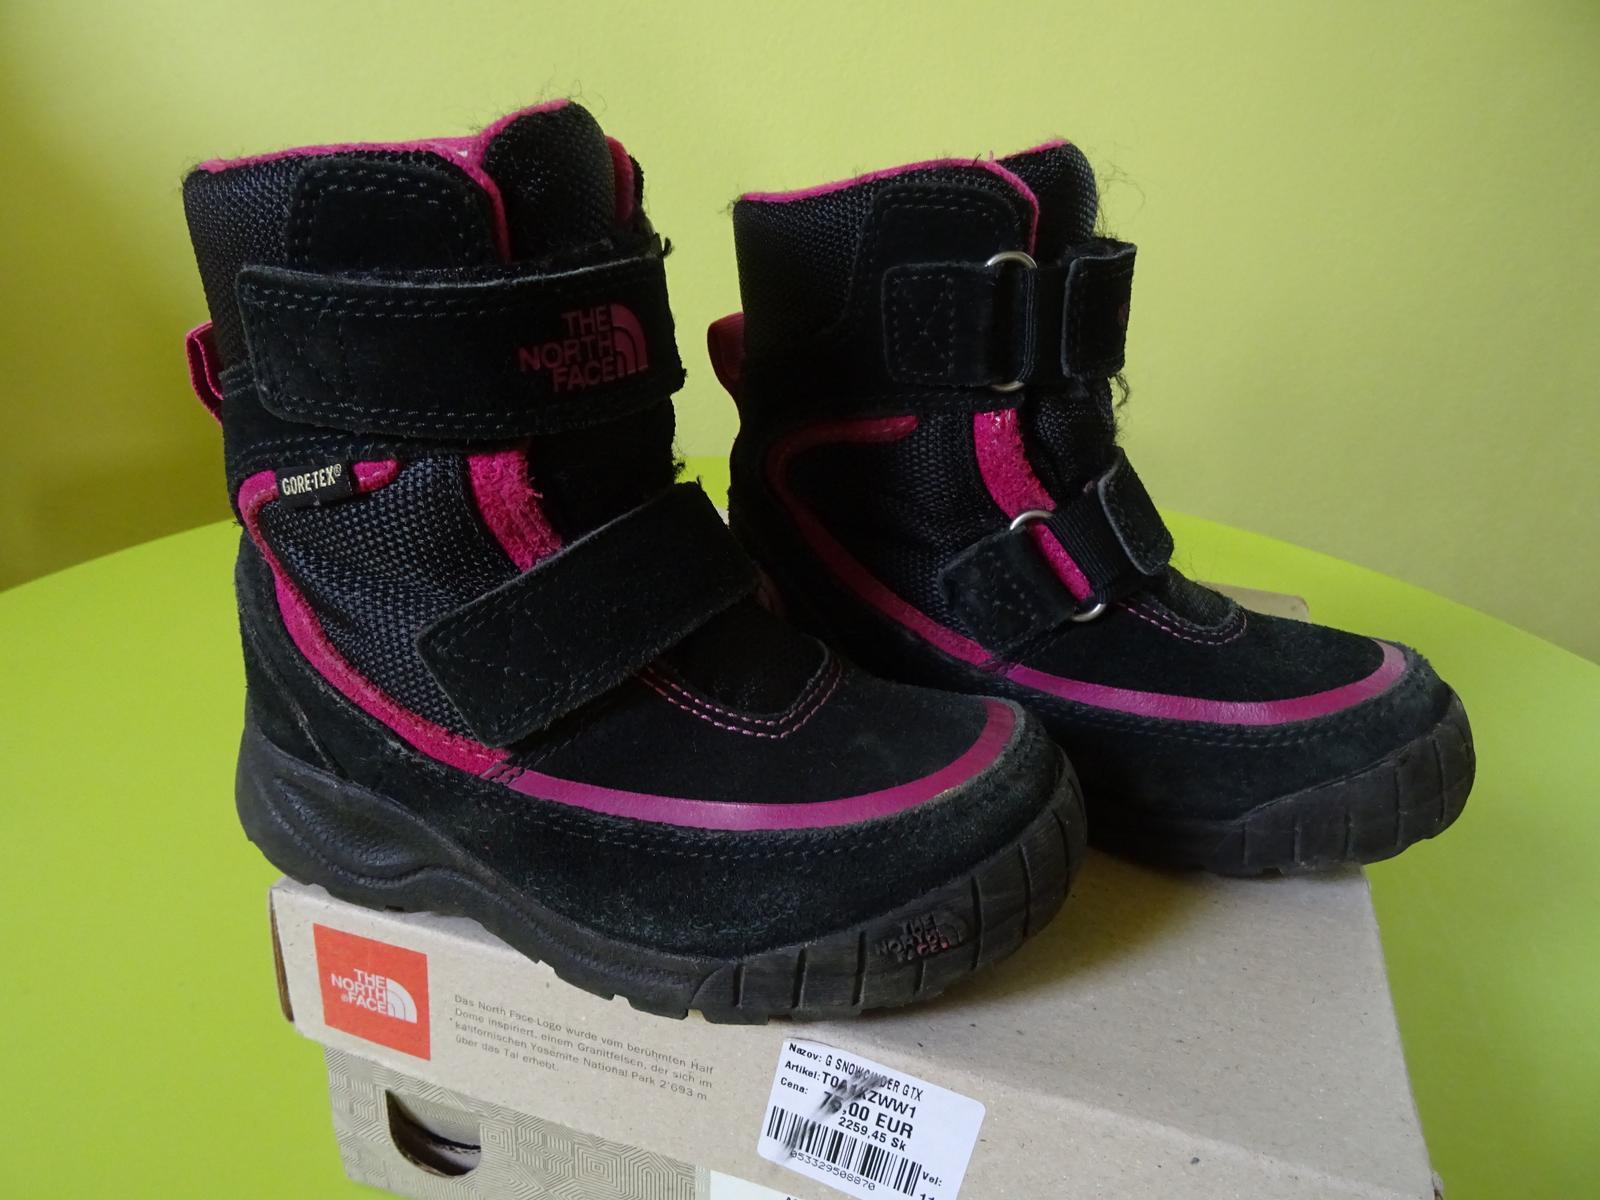 20ae197658c1 Kvalitné zimné topánky značky the north face